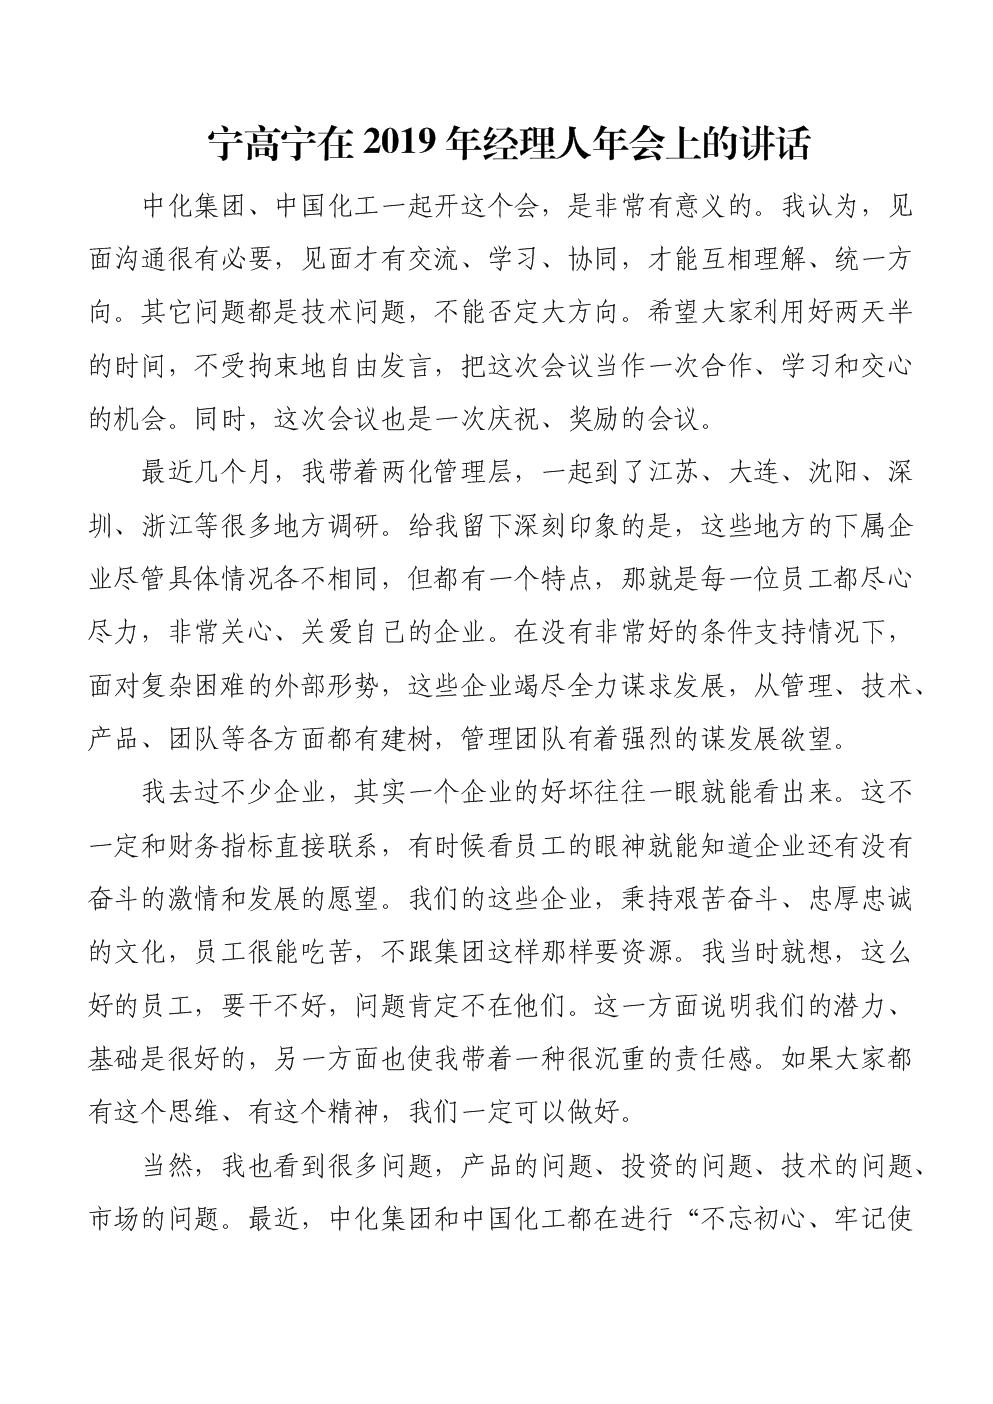 宁高宁:在中化集团2019年经理人年会上的讲话.doc